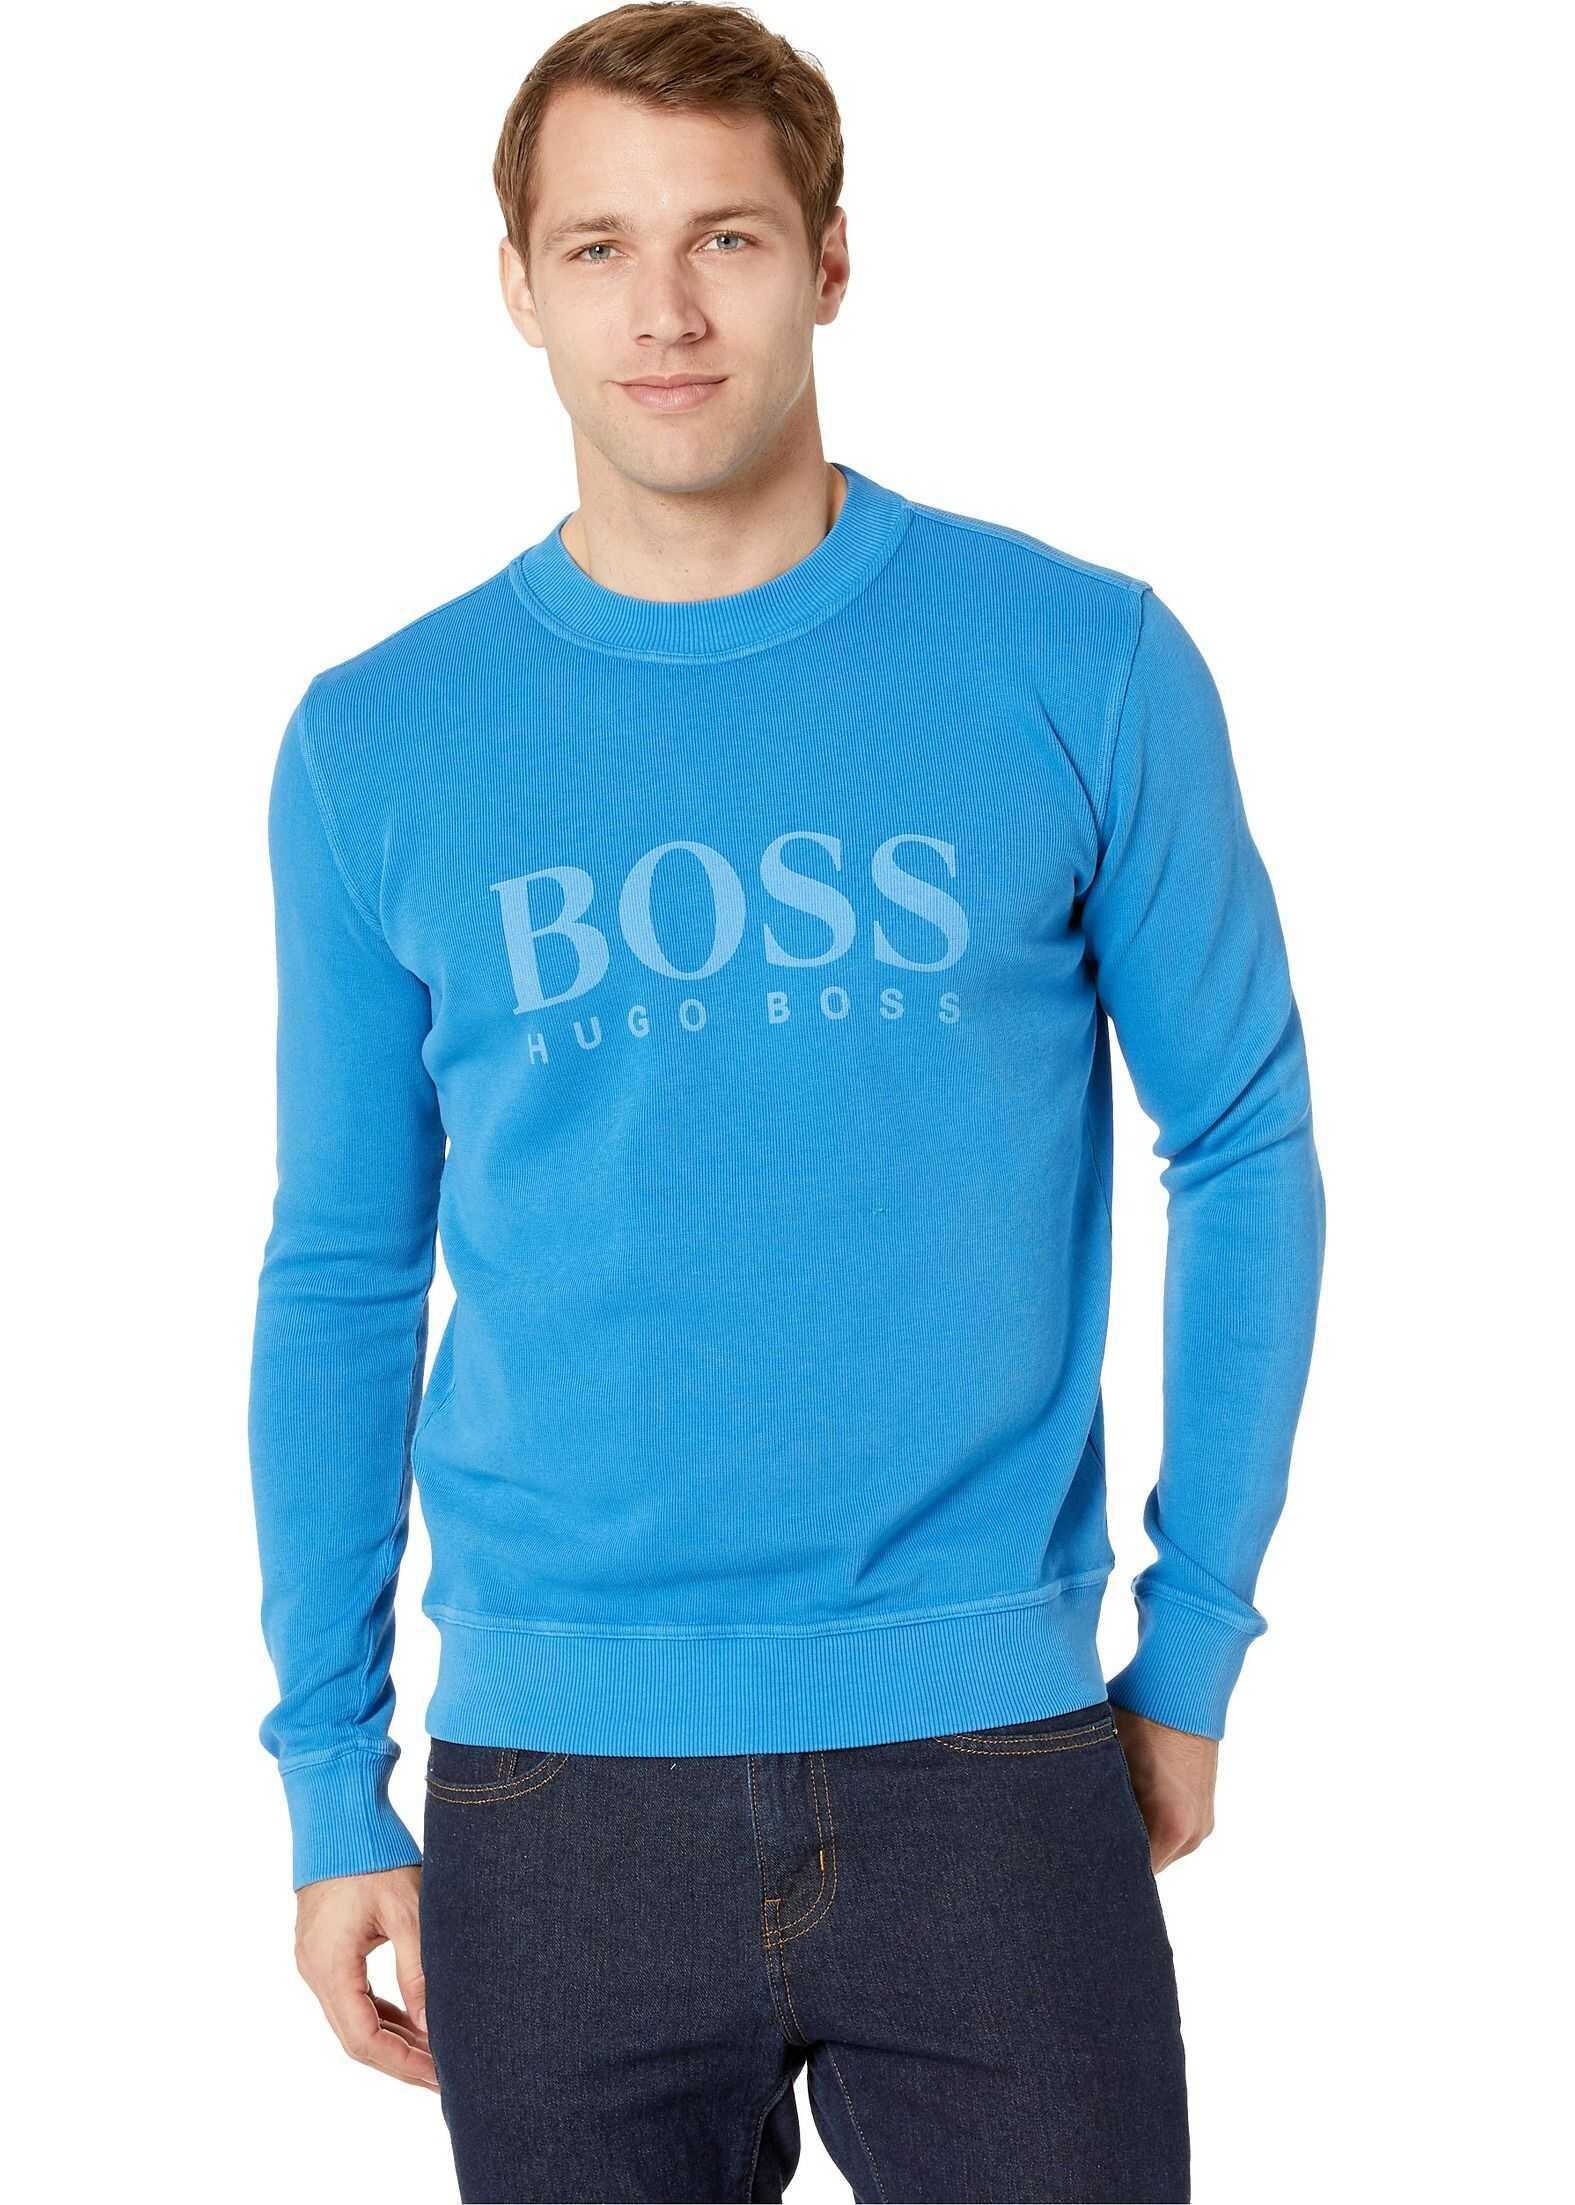 BOSS Hugo Boss Weave Light/Pastel Blue